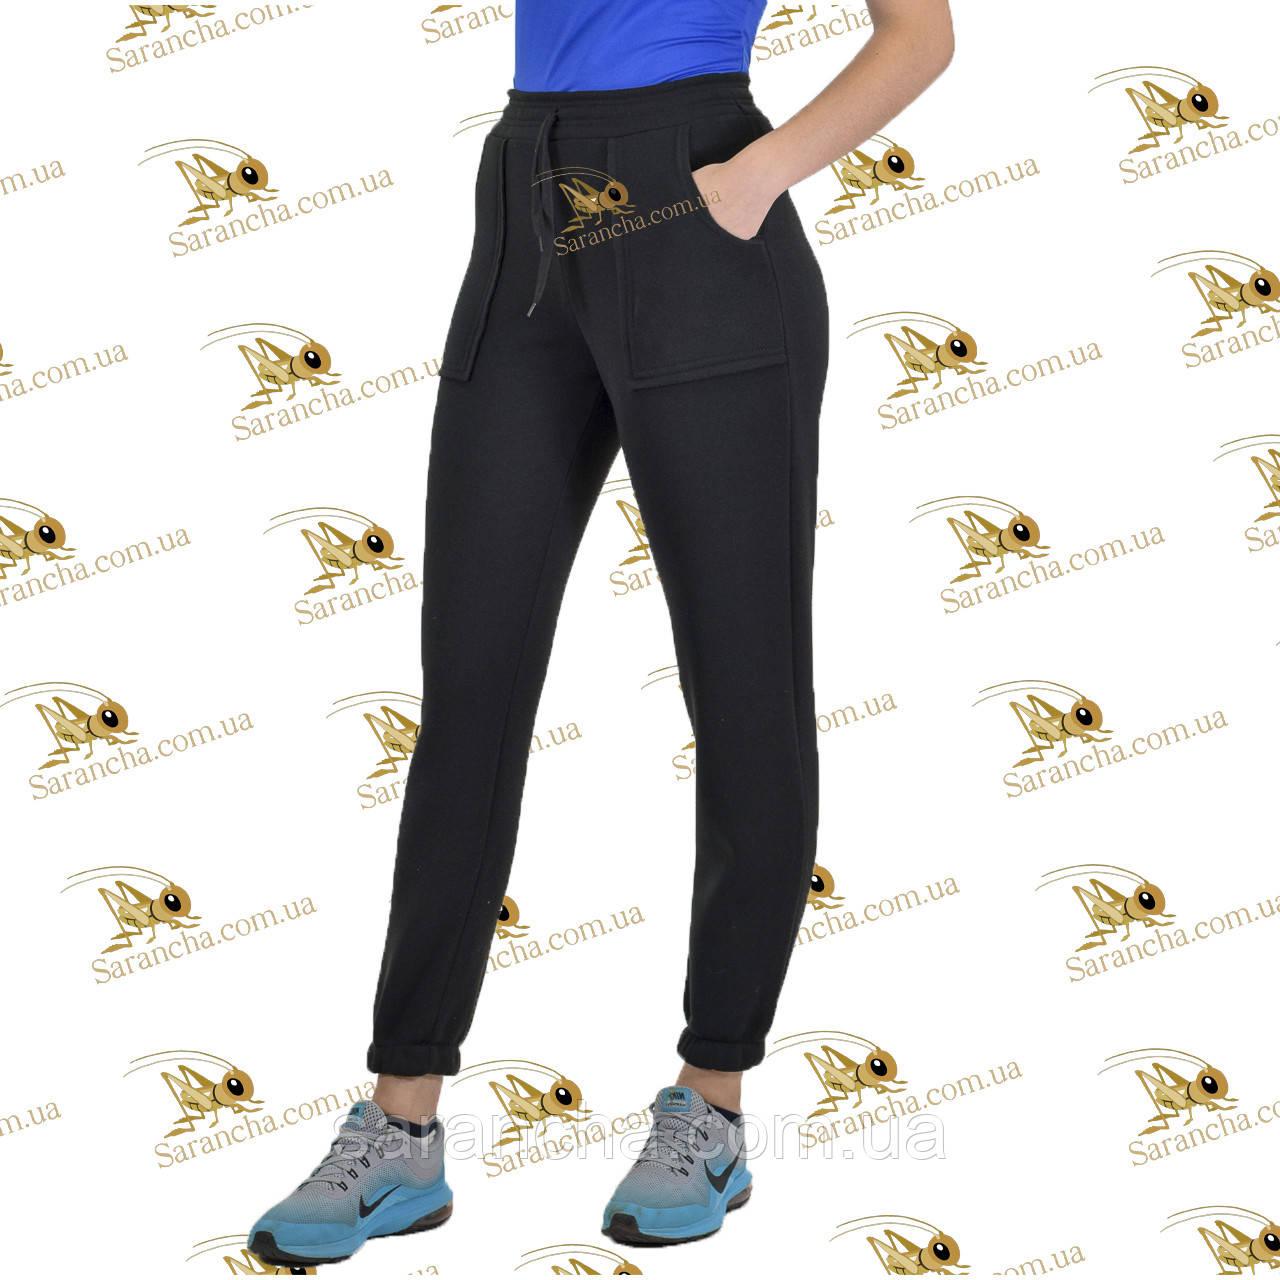 Спортивні брюки з накладними кишенями на манжеті-резинці трехнитка на флісі колір чорний